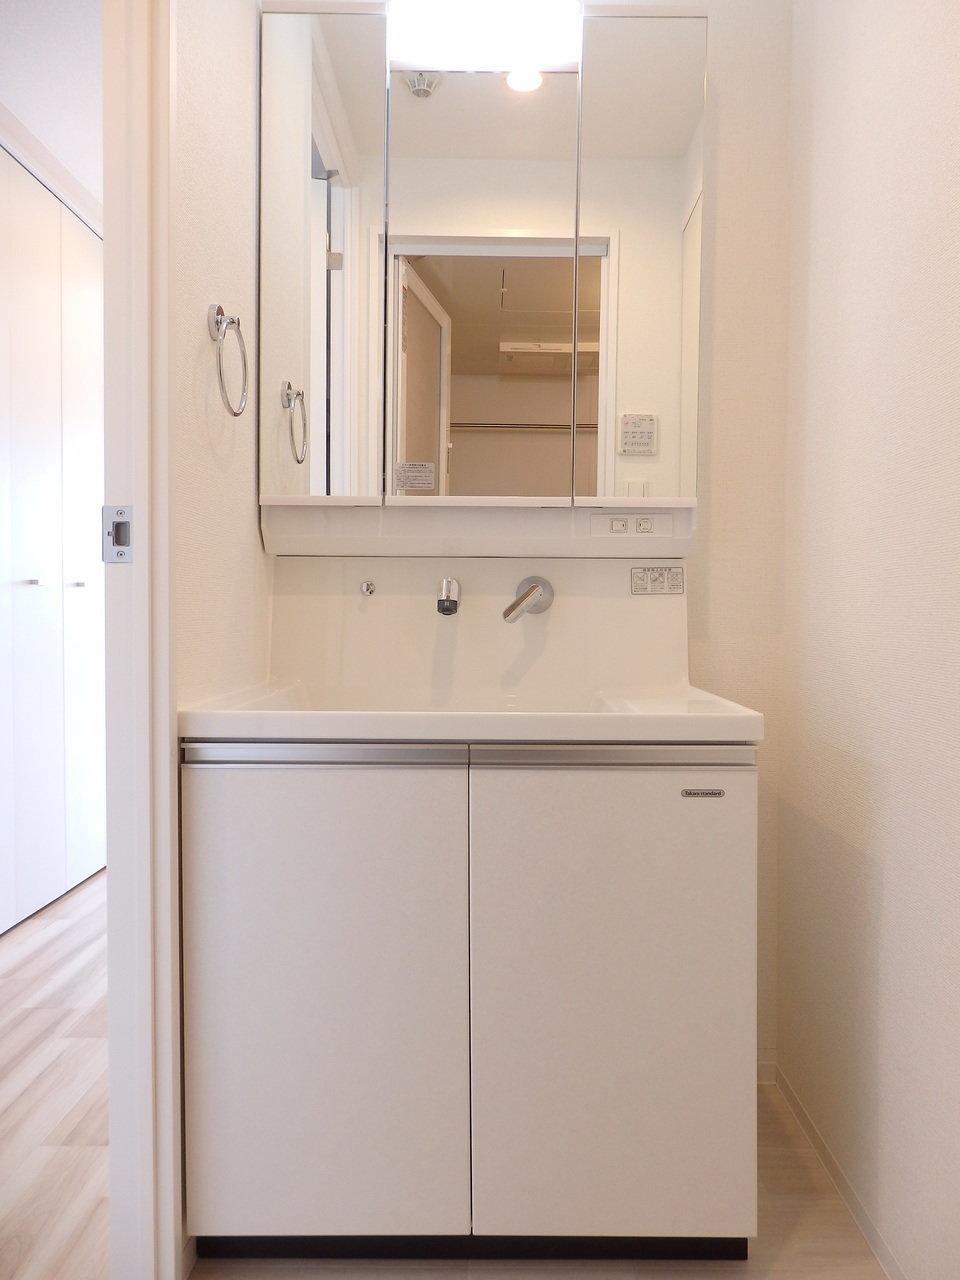 独立洗面台もスタイリッシュで清潔感がありますね。収納スペースも豊富なので、化粧品やドライヤー、日用品のストックなどなんでも入れられちゃいます!